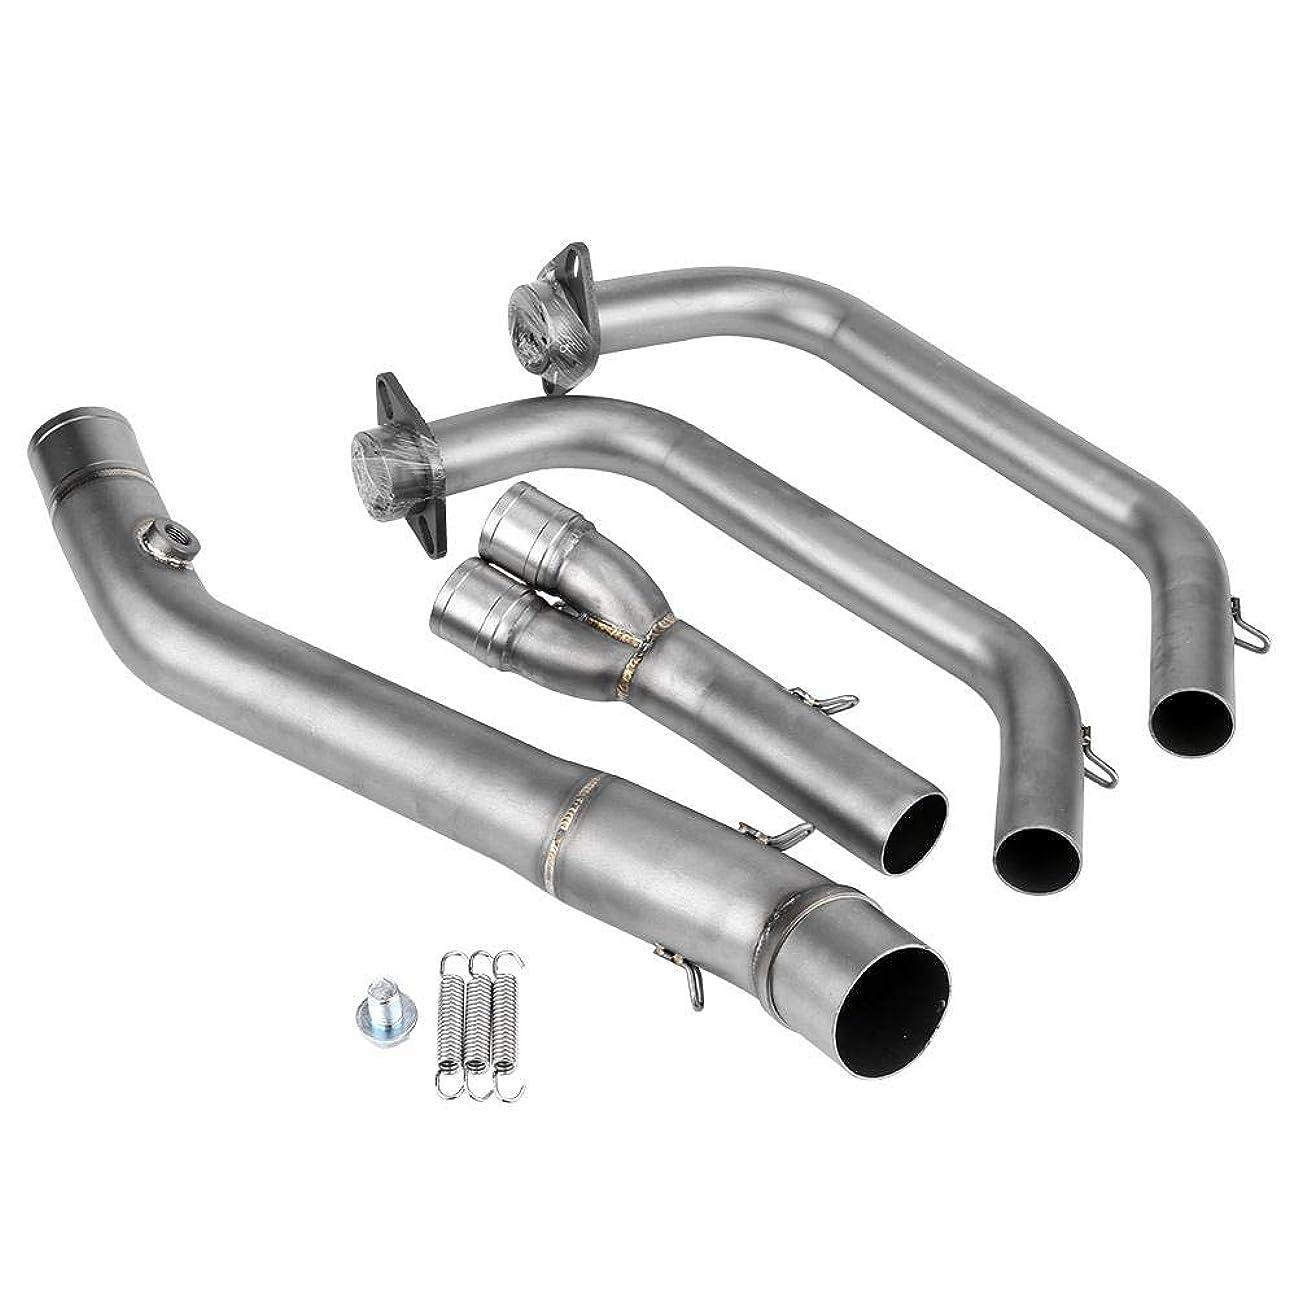 弱い長さオークションTW200 TW225 ショート管 新品 マフラー メッキ